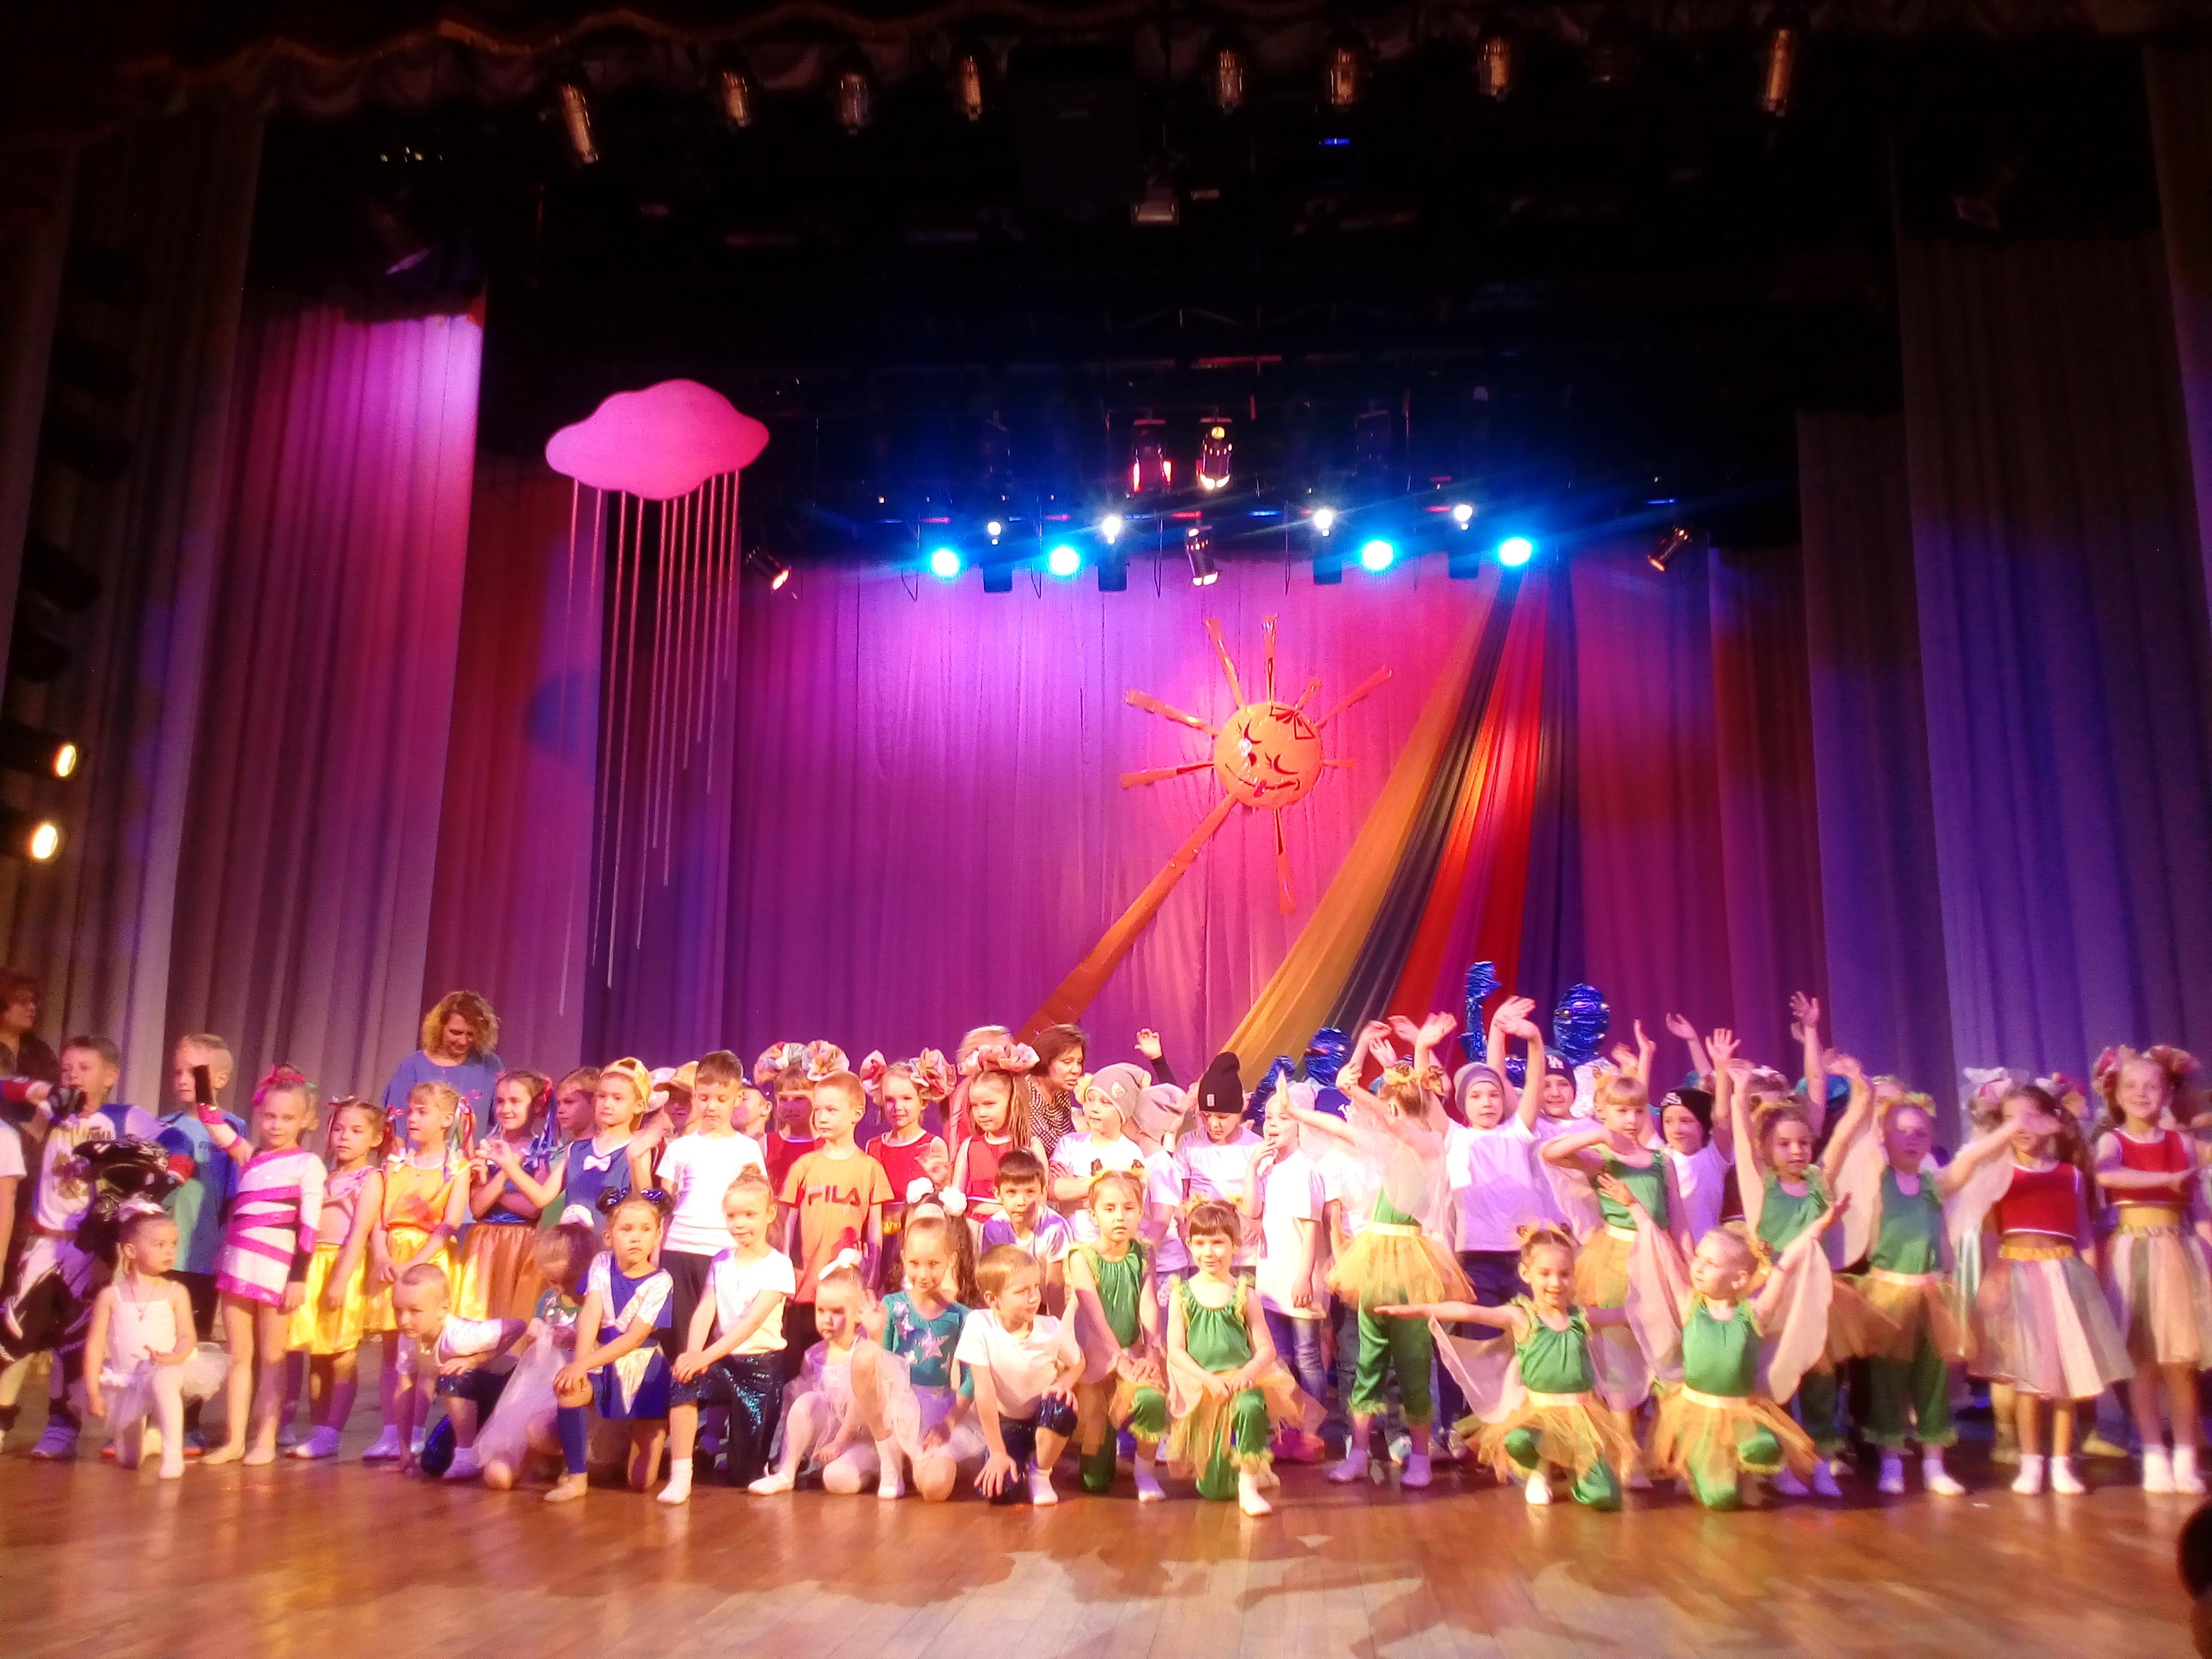 Фестиваль дошкольников во дворце культуры «Октябрь»